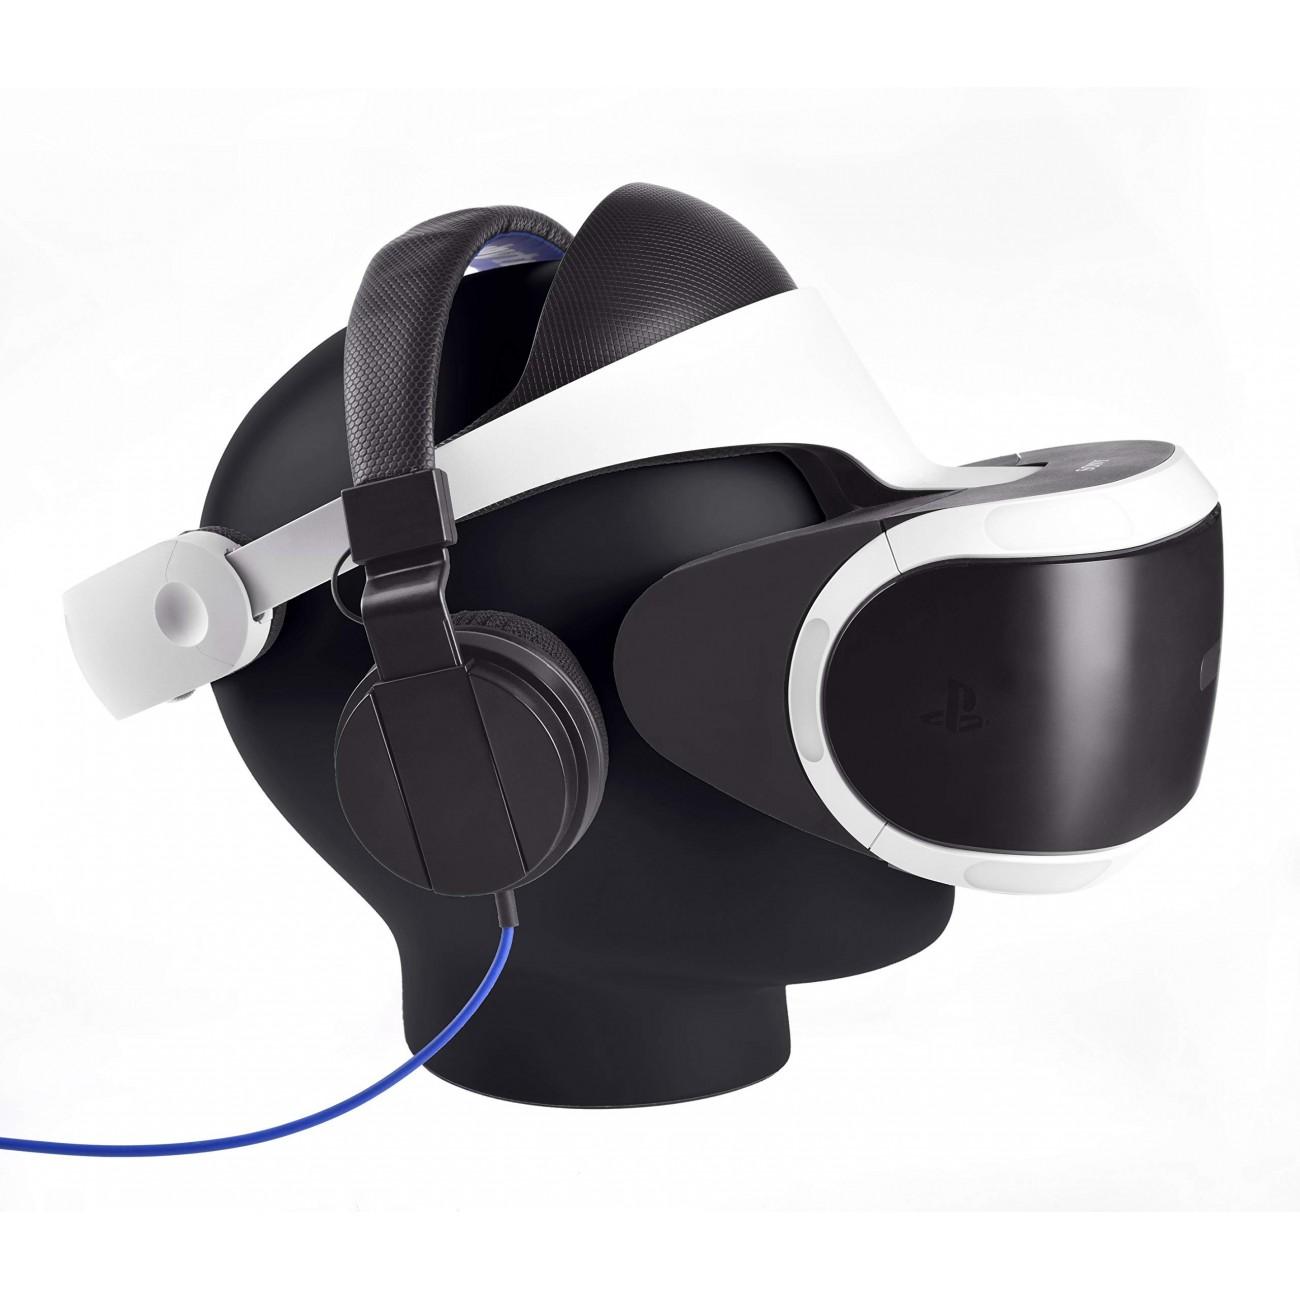 Snakebyte Playstaion VR: Stand - Ständer Für PS4-VR